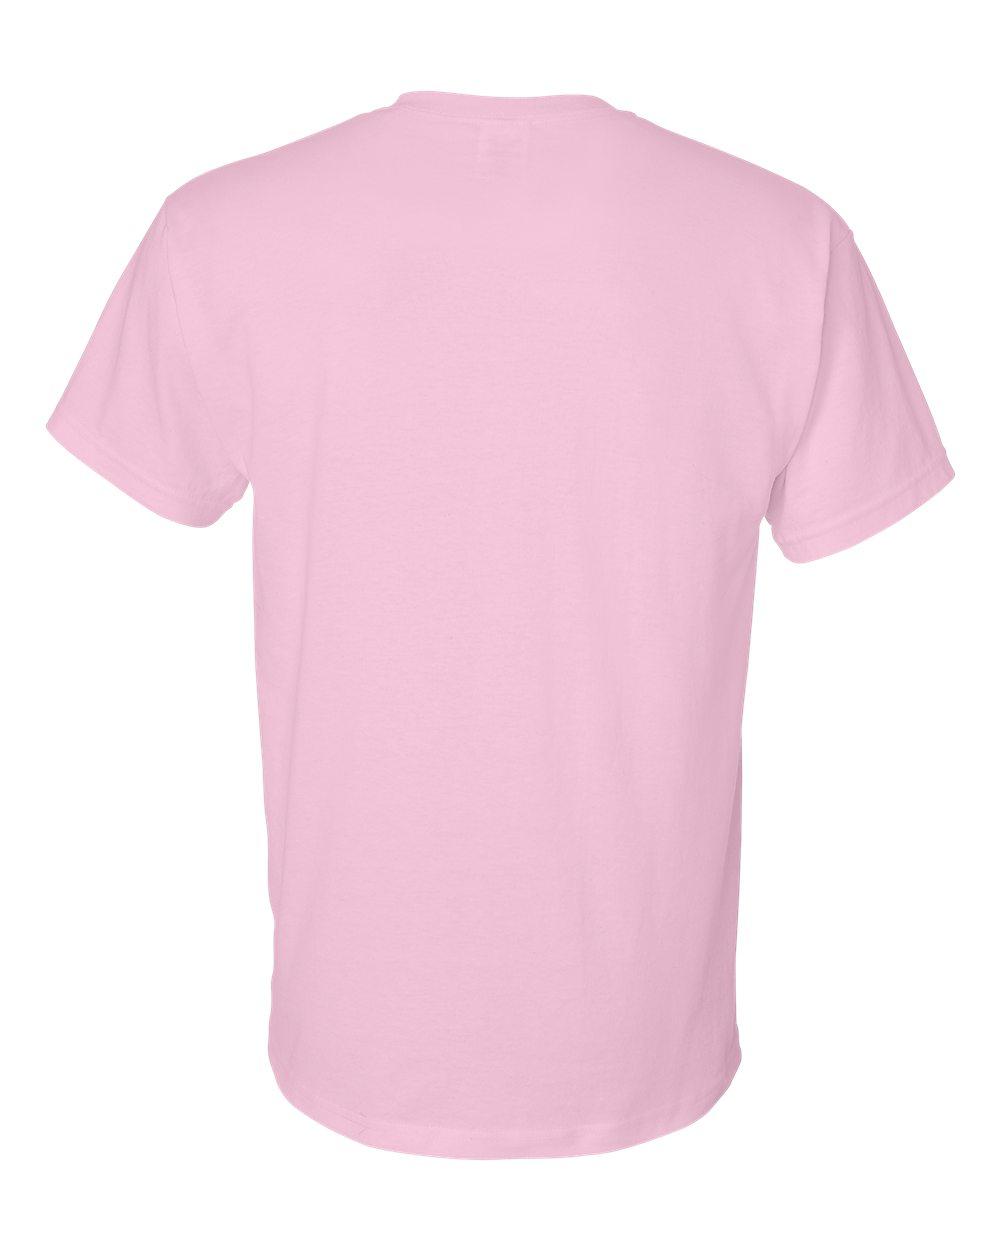 Gildan-Mens-DryBlend-5-6-oz-50-50-T-Shirt-G800-Size-S-5XL thumbnail 51